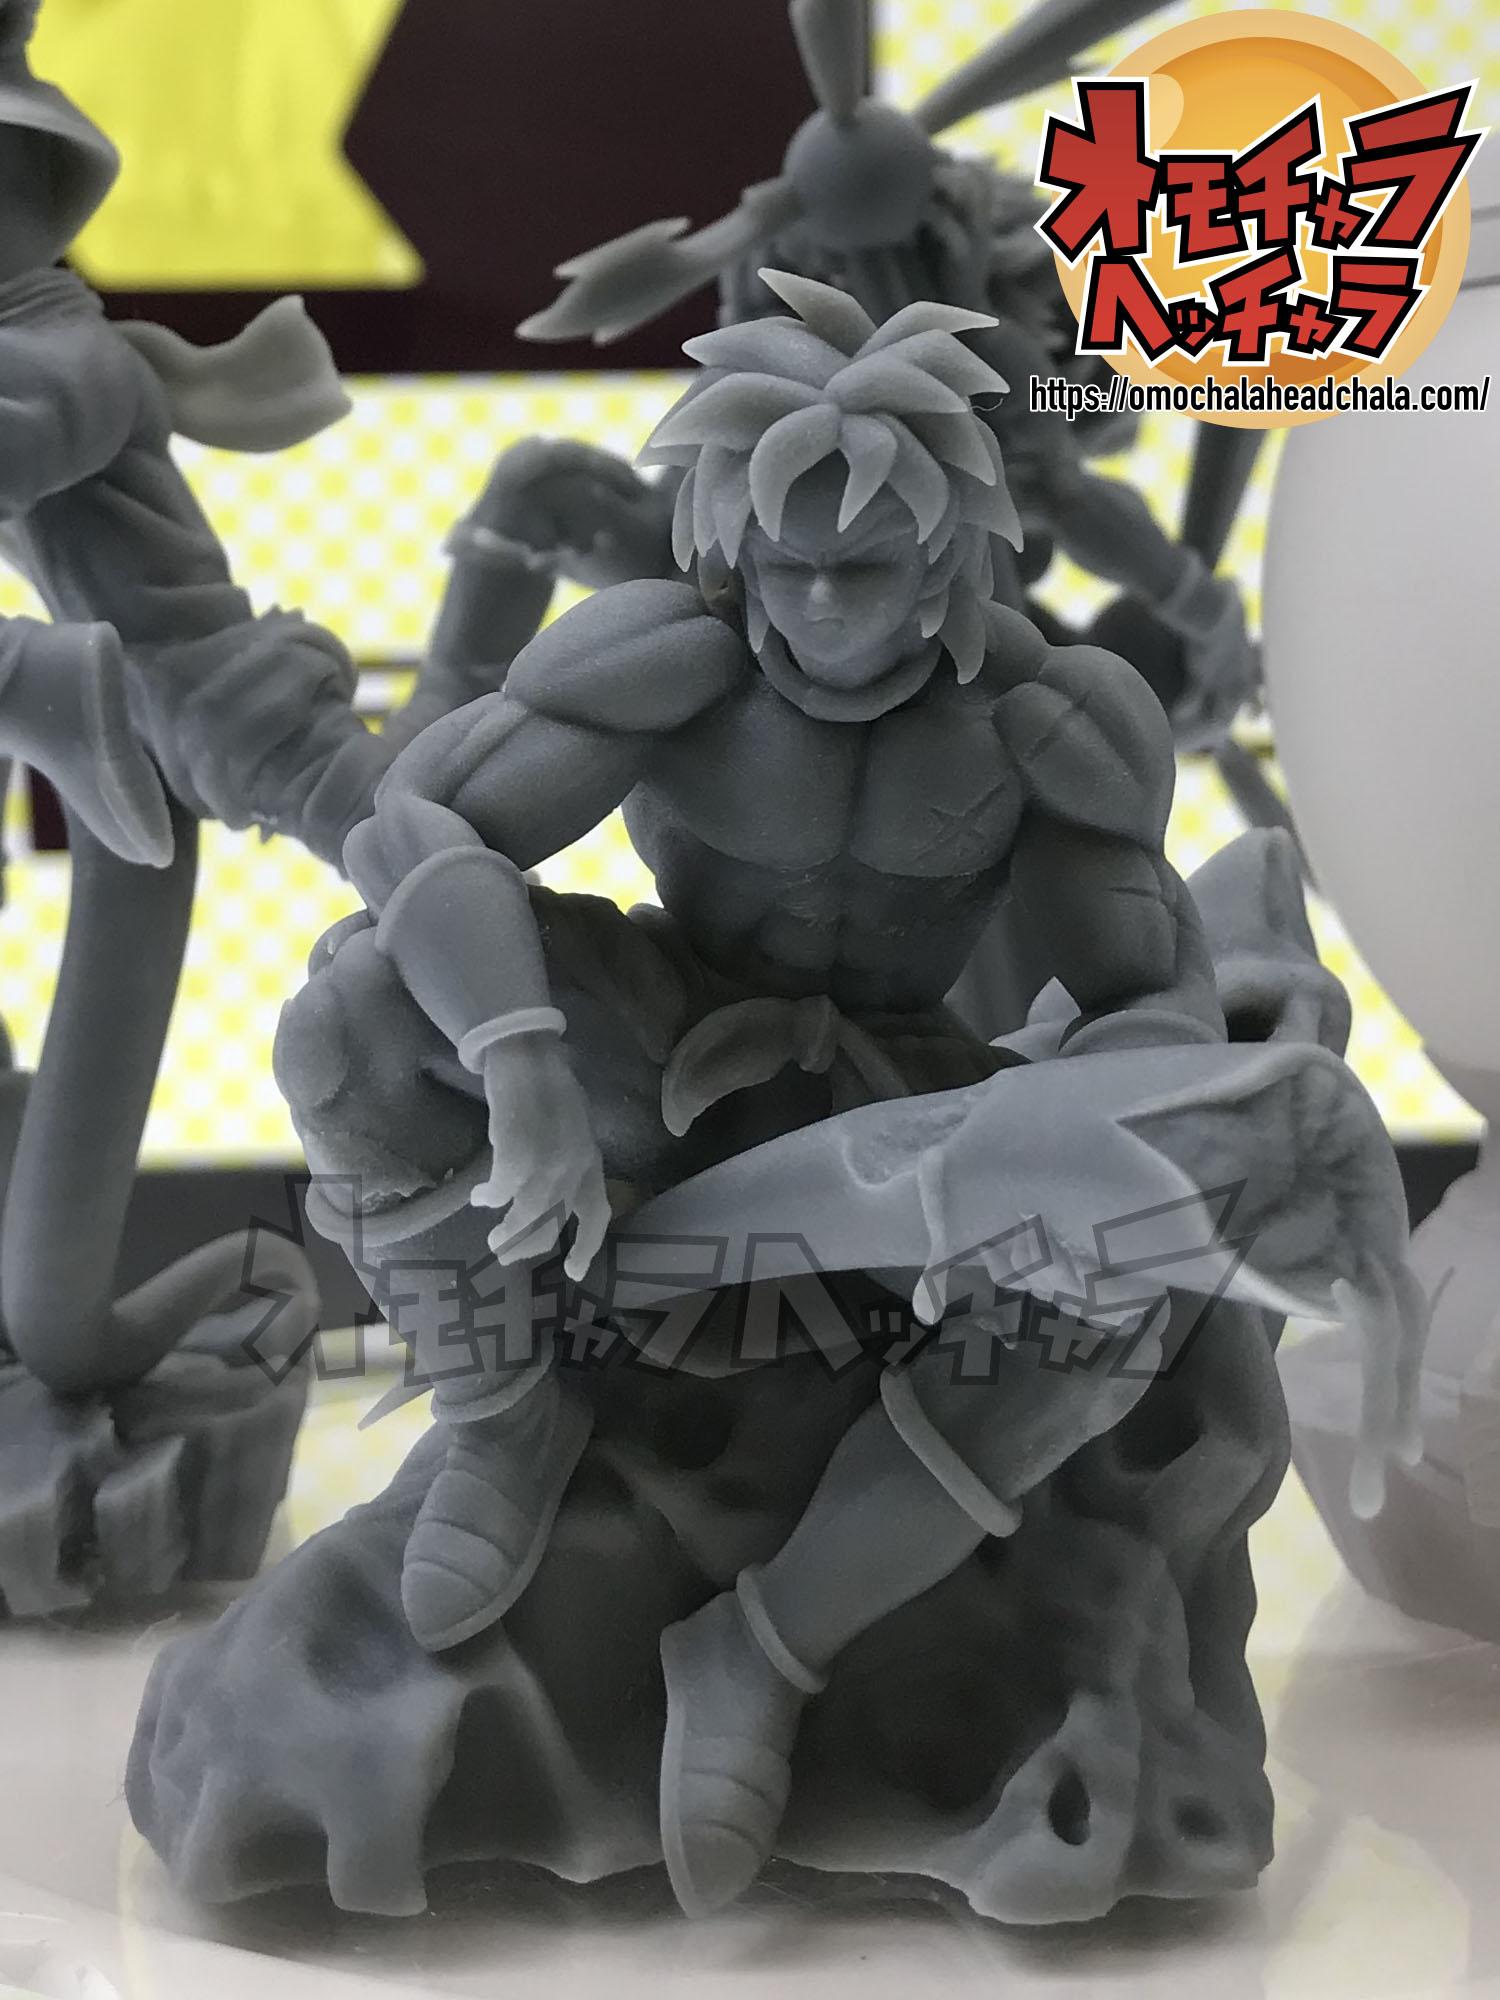 ドラゴンボールフィギュアレビューブログのドラカプ RE BIRTH 第2弾 超パワー覚醒編